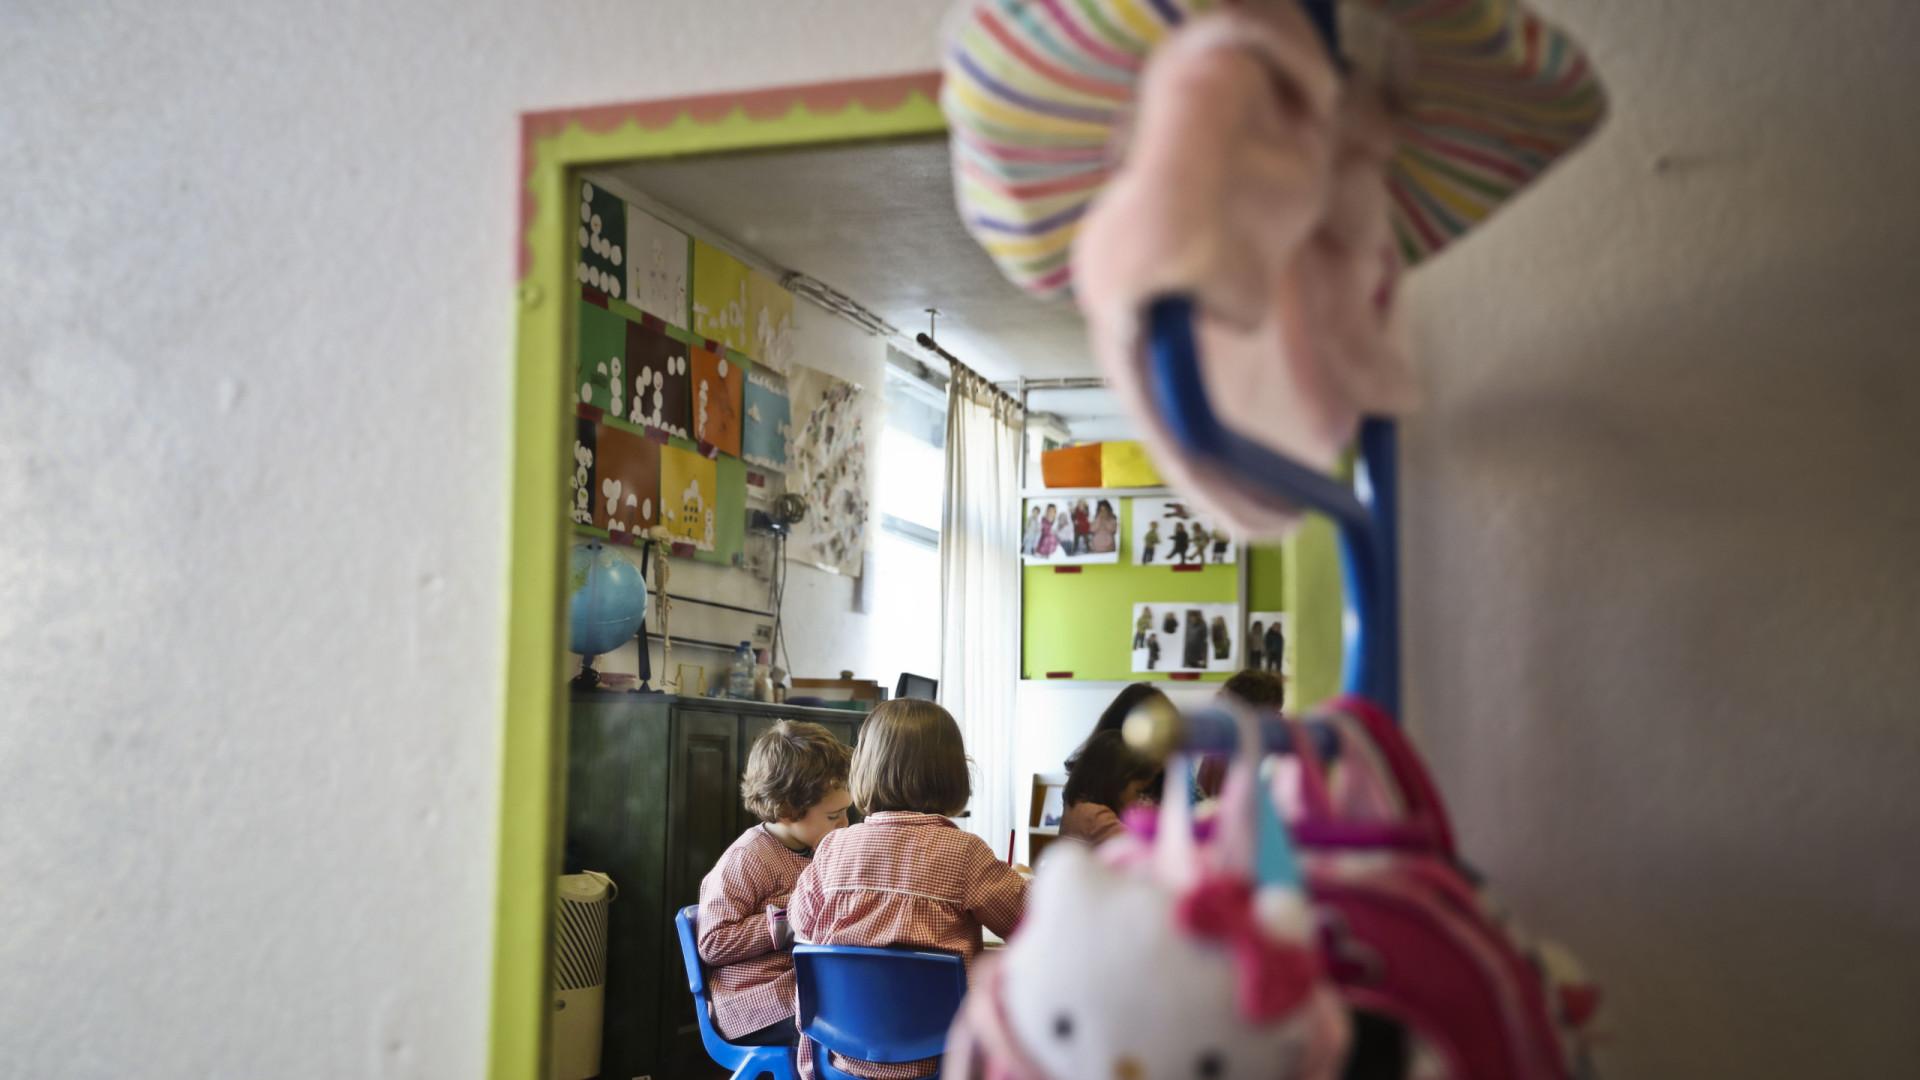 Redução de crianças no pré-escolar é sinal preocupante